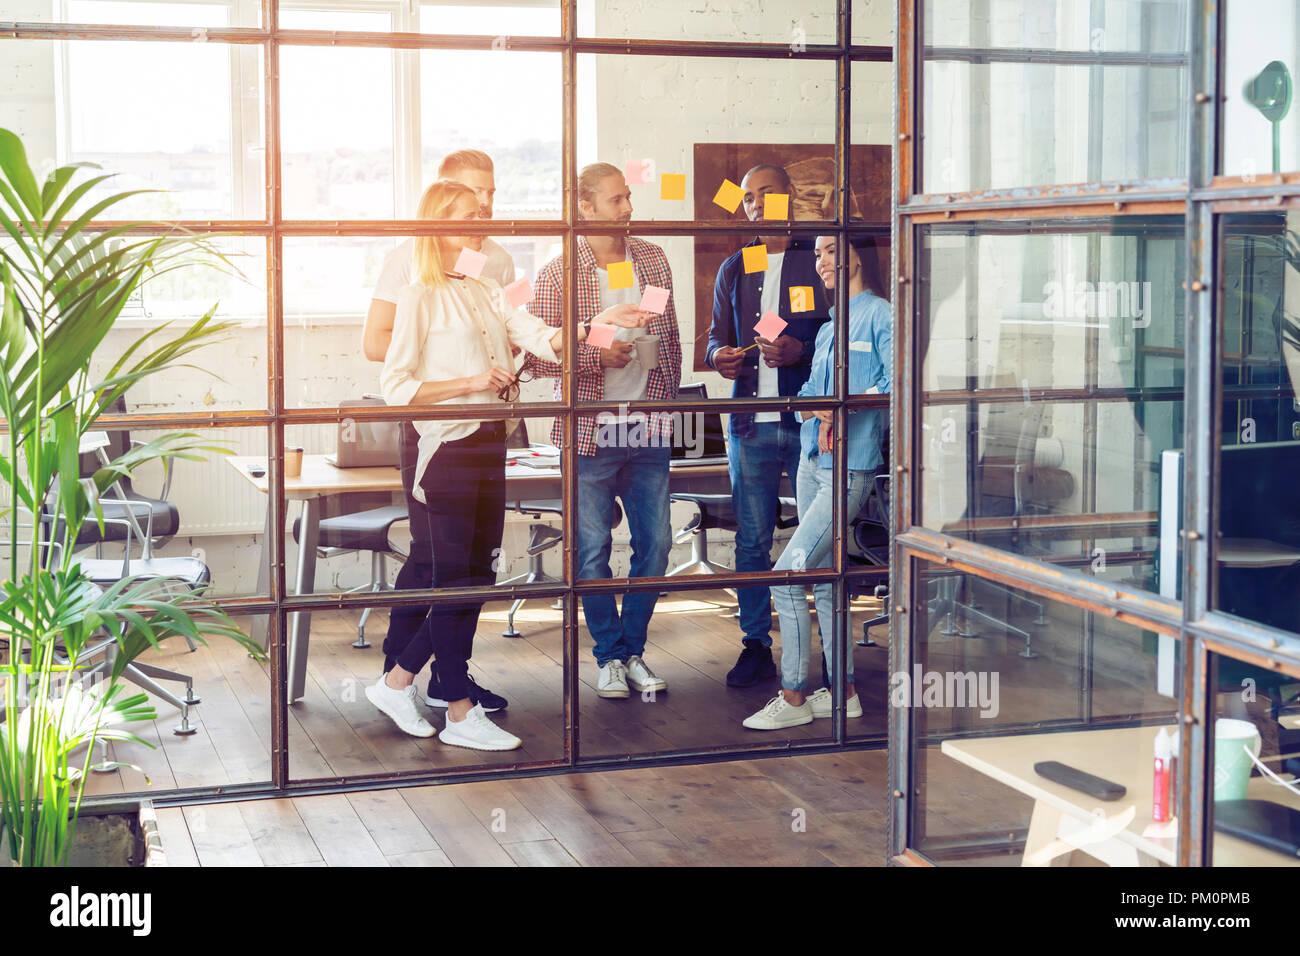 Le partage des idées. Longueur totale de jeunes gens modernes dans smart casual wear en utilisant un adhésif notes tout en se tenant derrière le mur de verre à la salle du conseil. Photo Stock